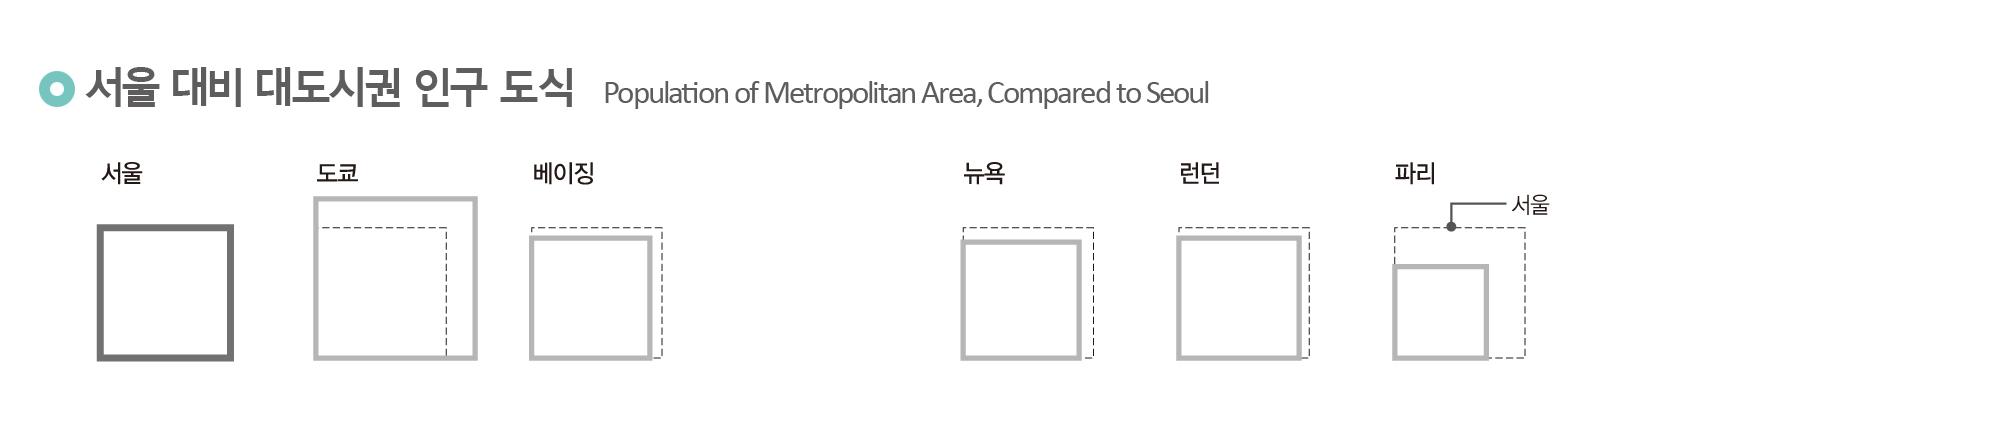 서울 대비 대도시권 인구 도식